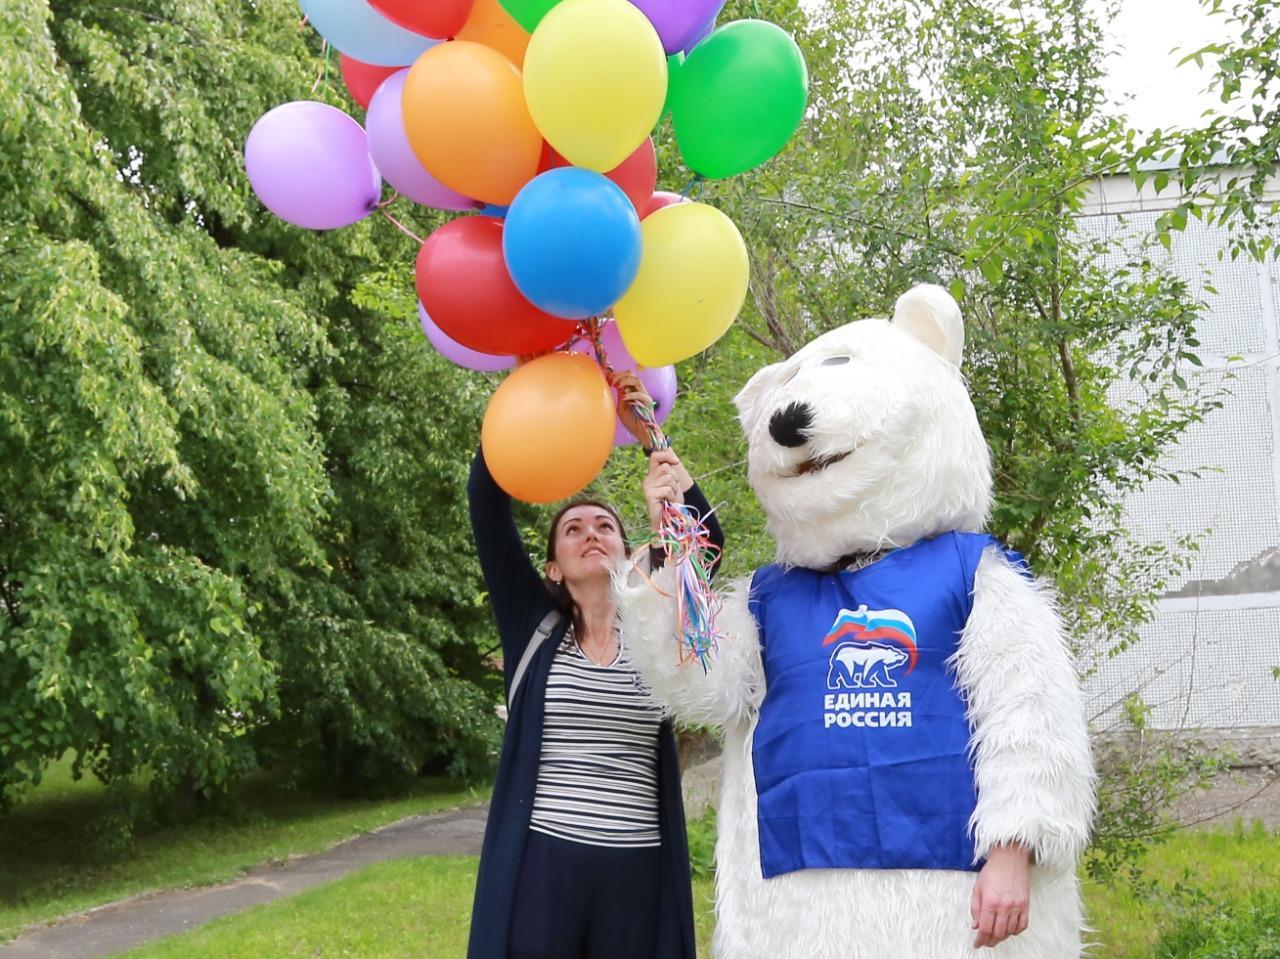 фото Праздник с мыльными пузырями и воздушными шарами устроили для детей с коронавирусом в Новосибирске 3